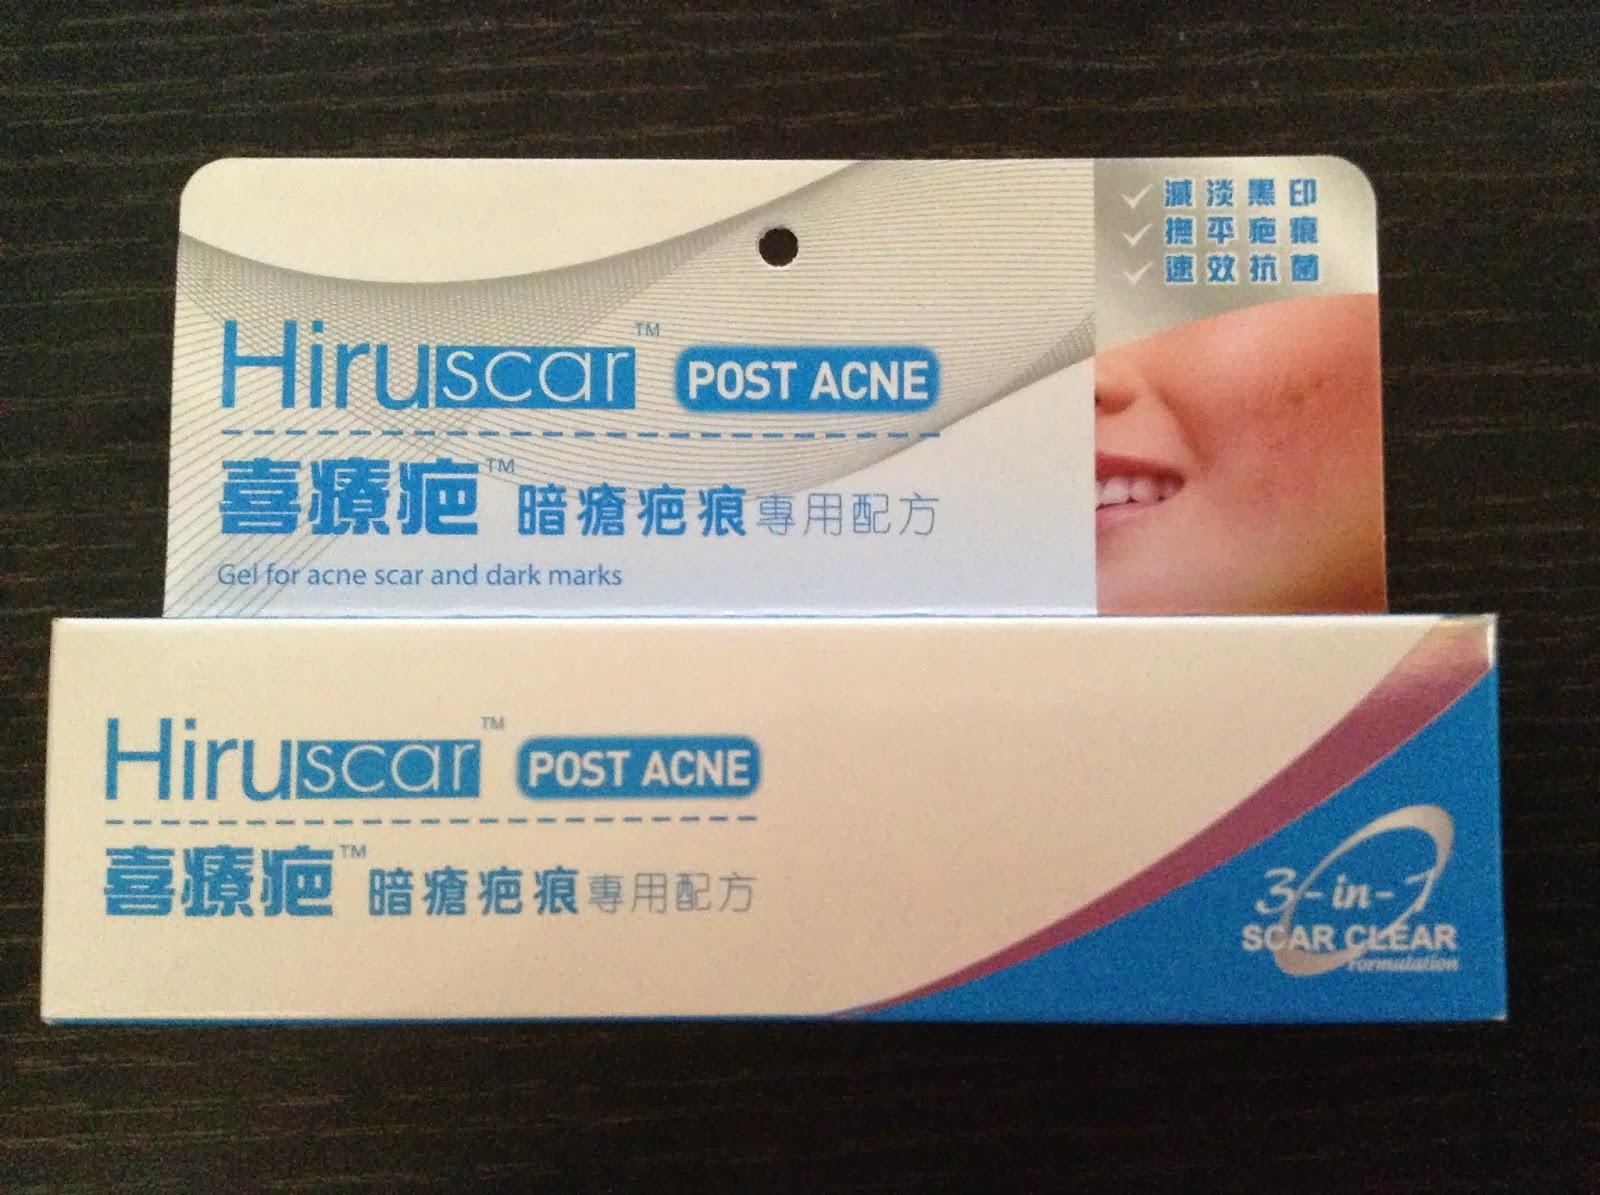 >>淡印之極致*Hiruscar Post Acne 暗瘡疤痕專用配方